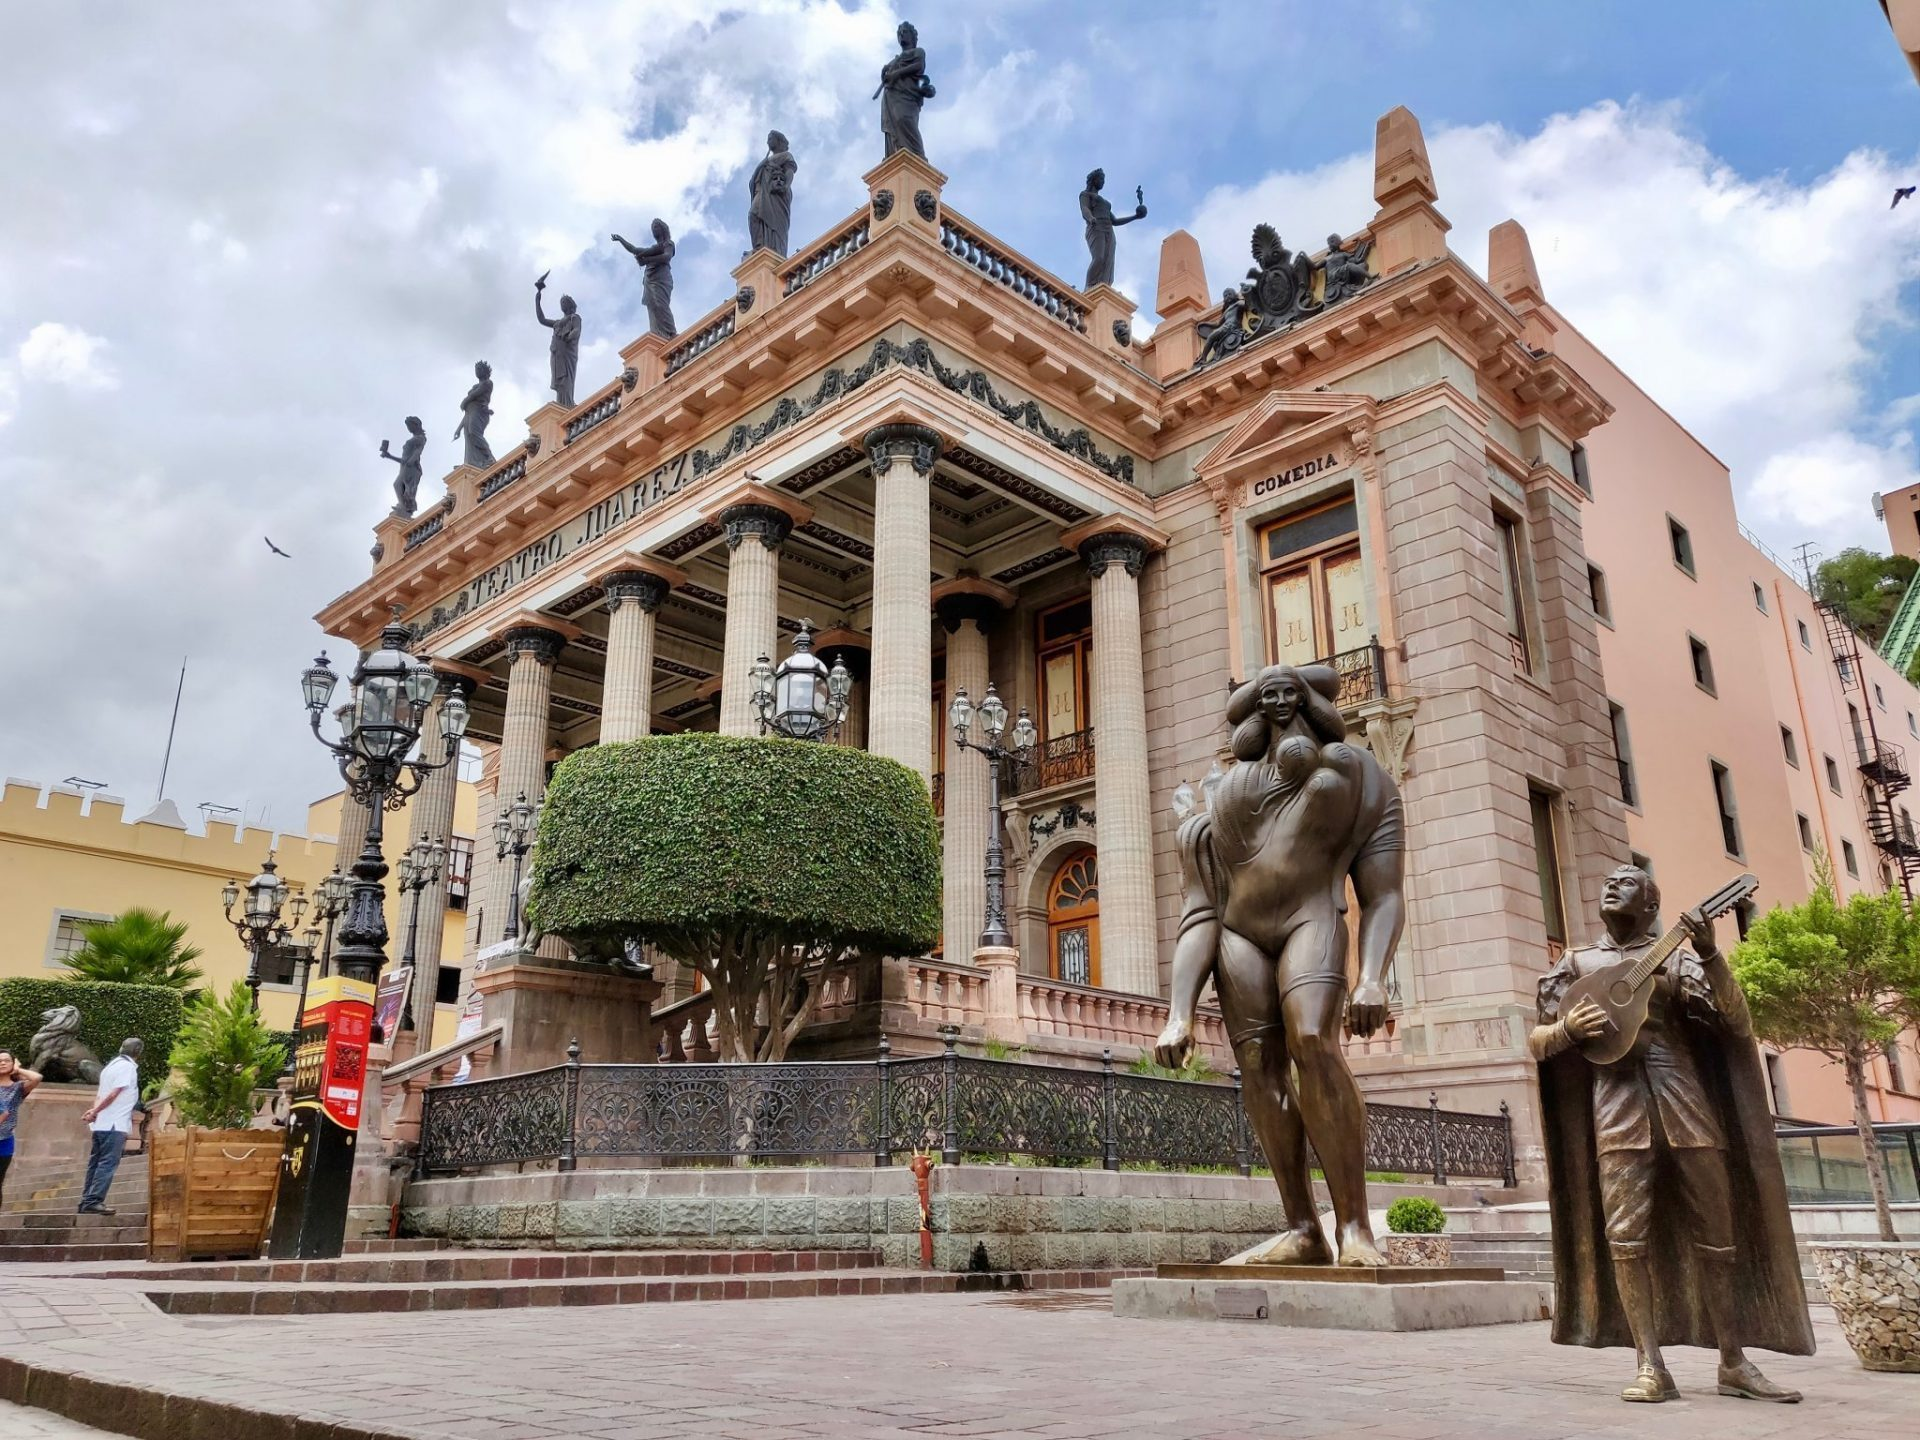 Teatro Juarez Theatre in Guanajuato Mexico